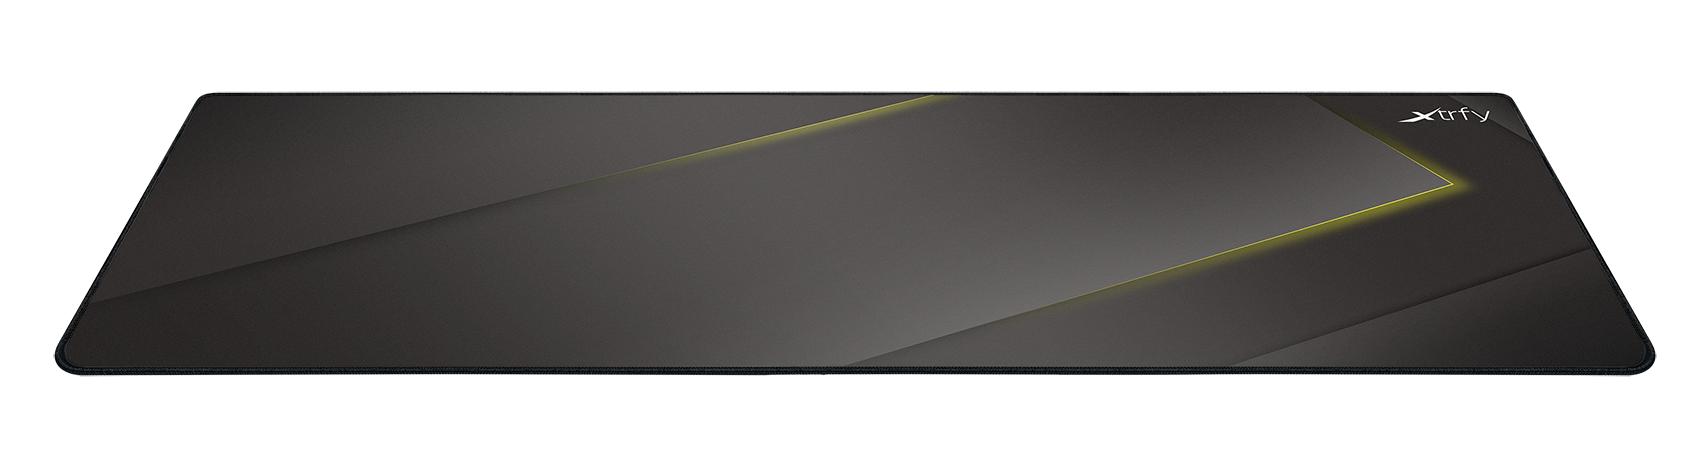 XTRFY GP1, Gaming Mousepad Extra Large